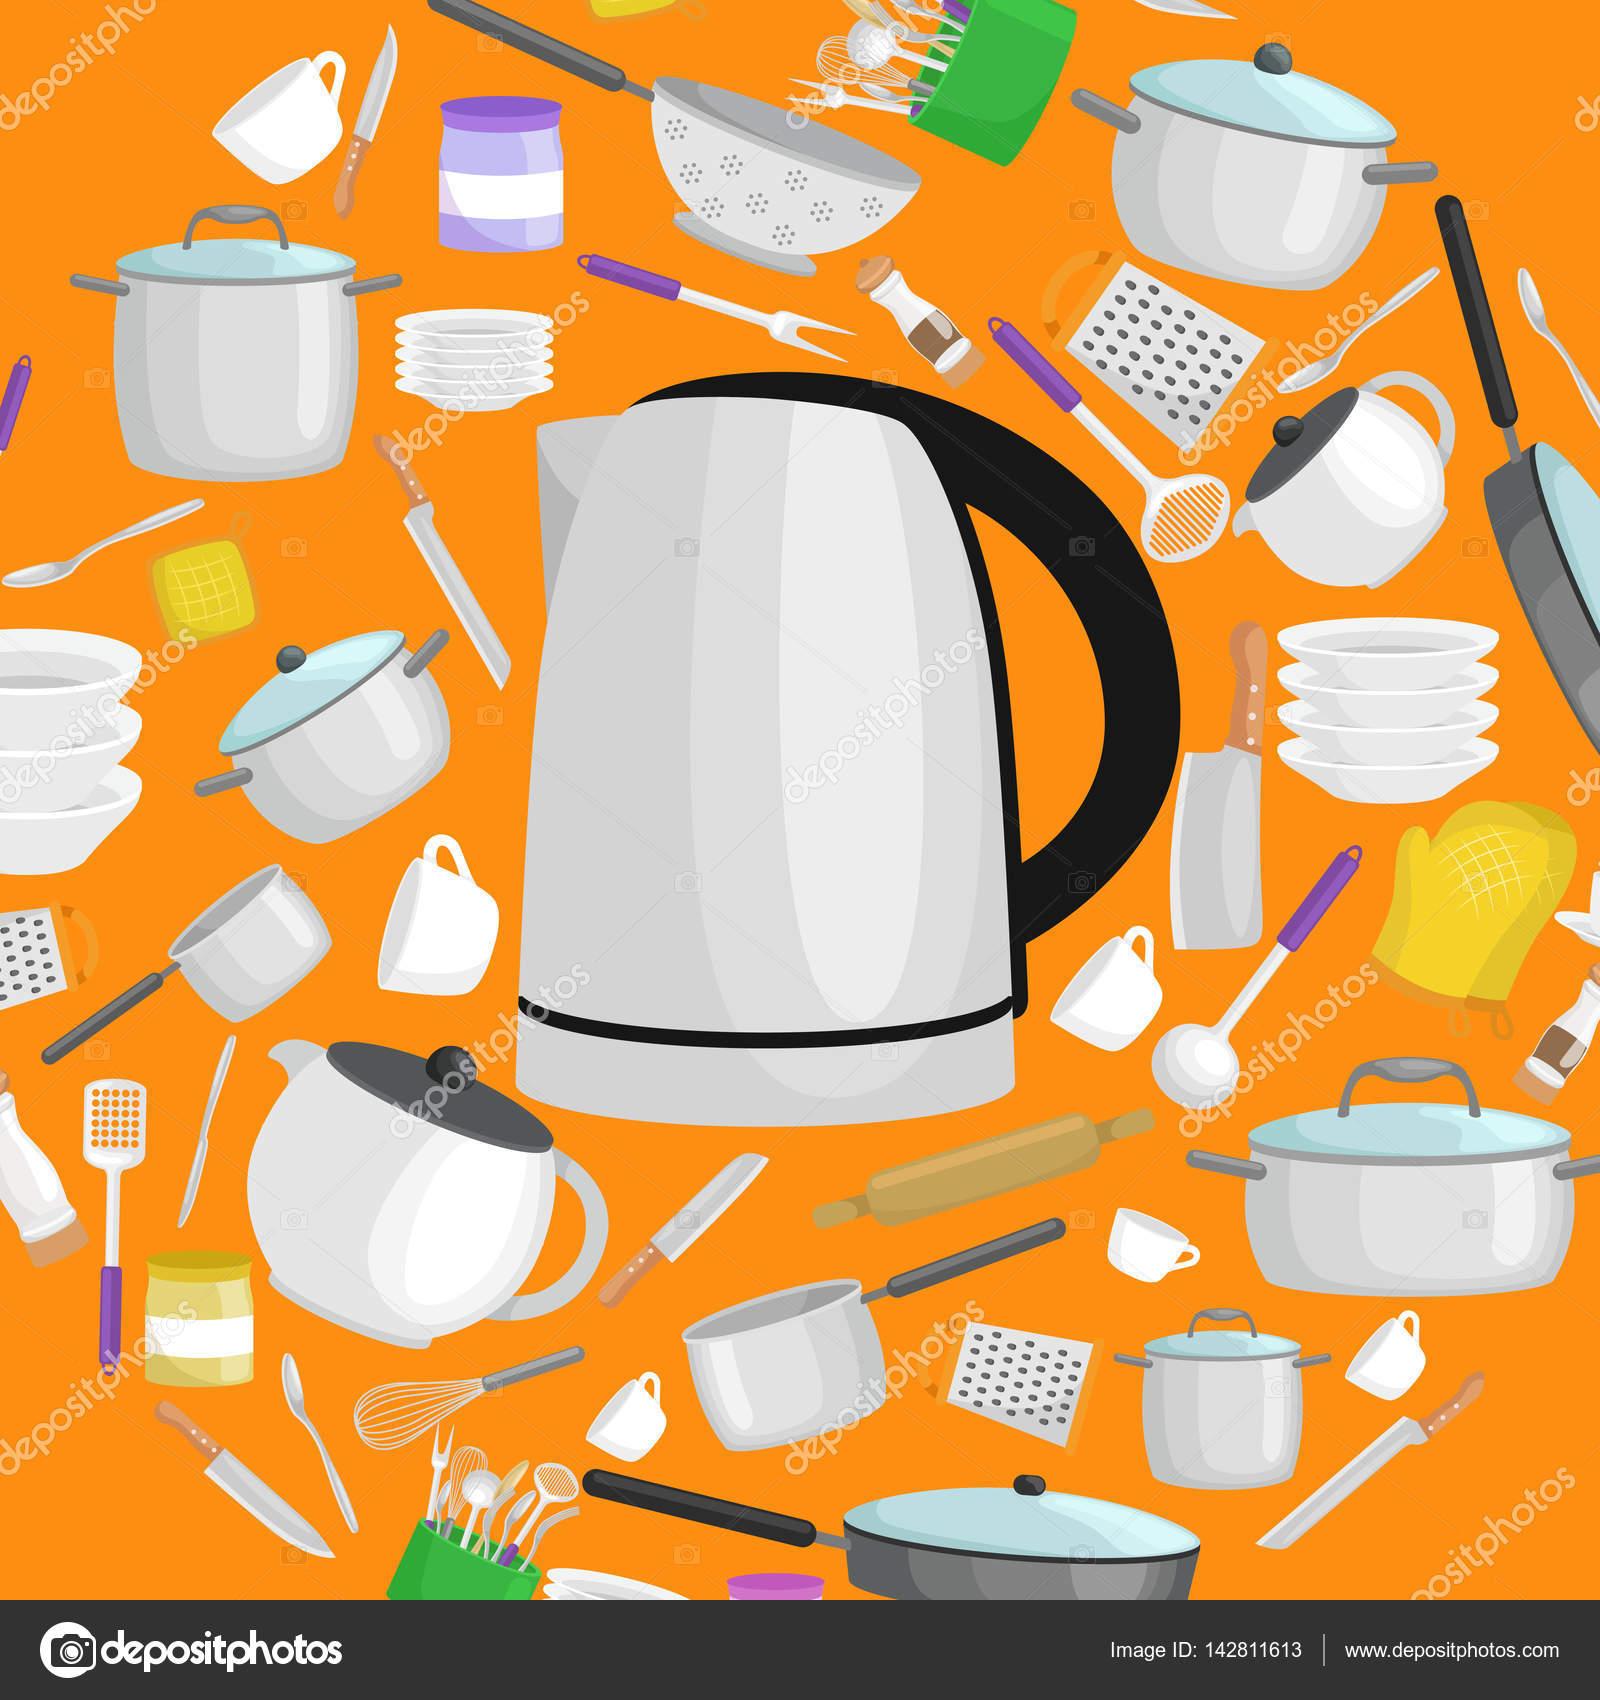 Dibujos animados juego de utensilios de cocina colecci n for Juego de utensilios de cocina precio